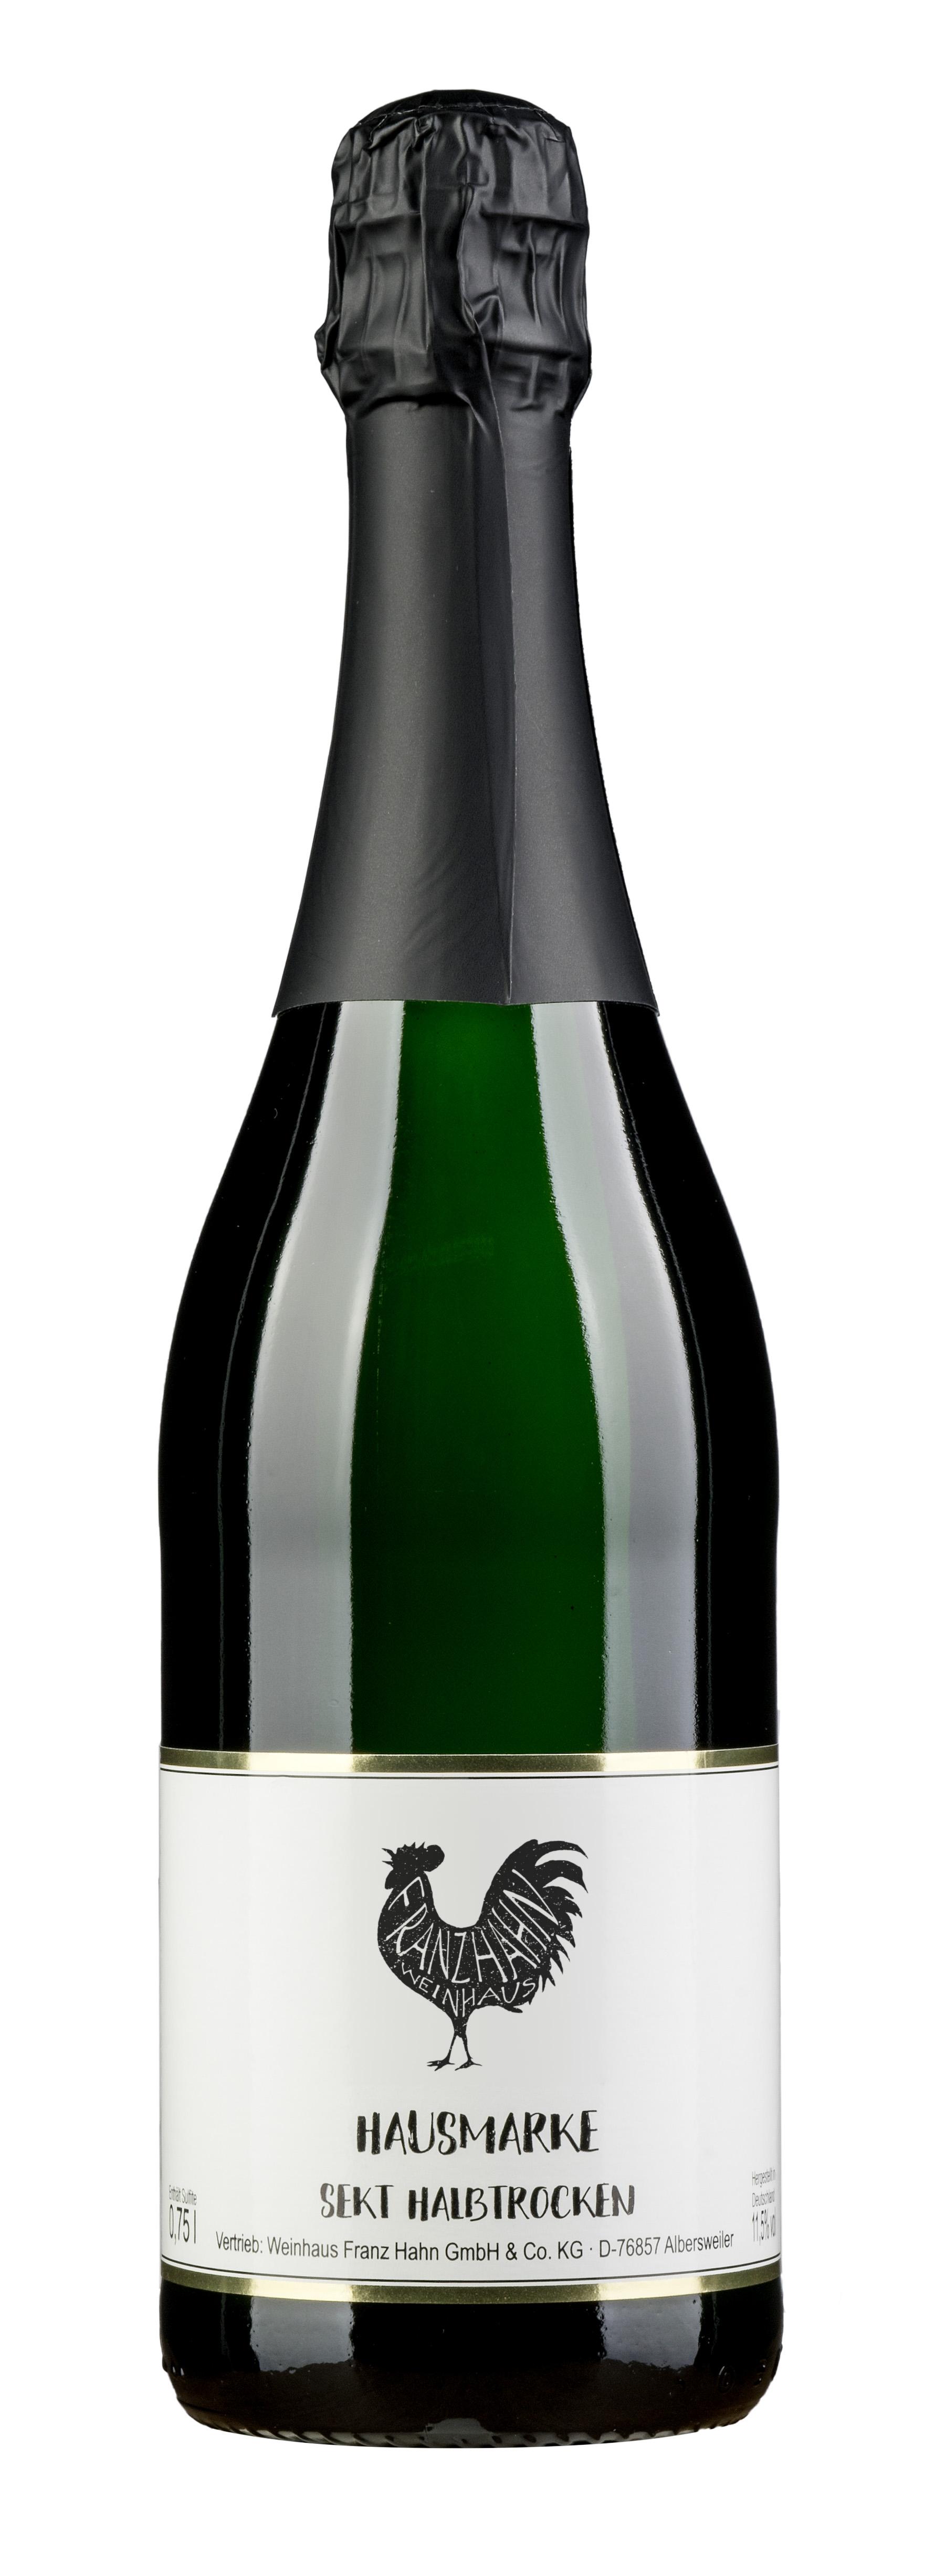 Hausmarke Flaschenfoto